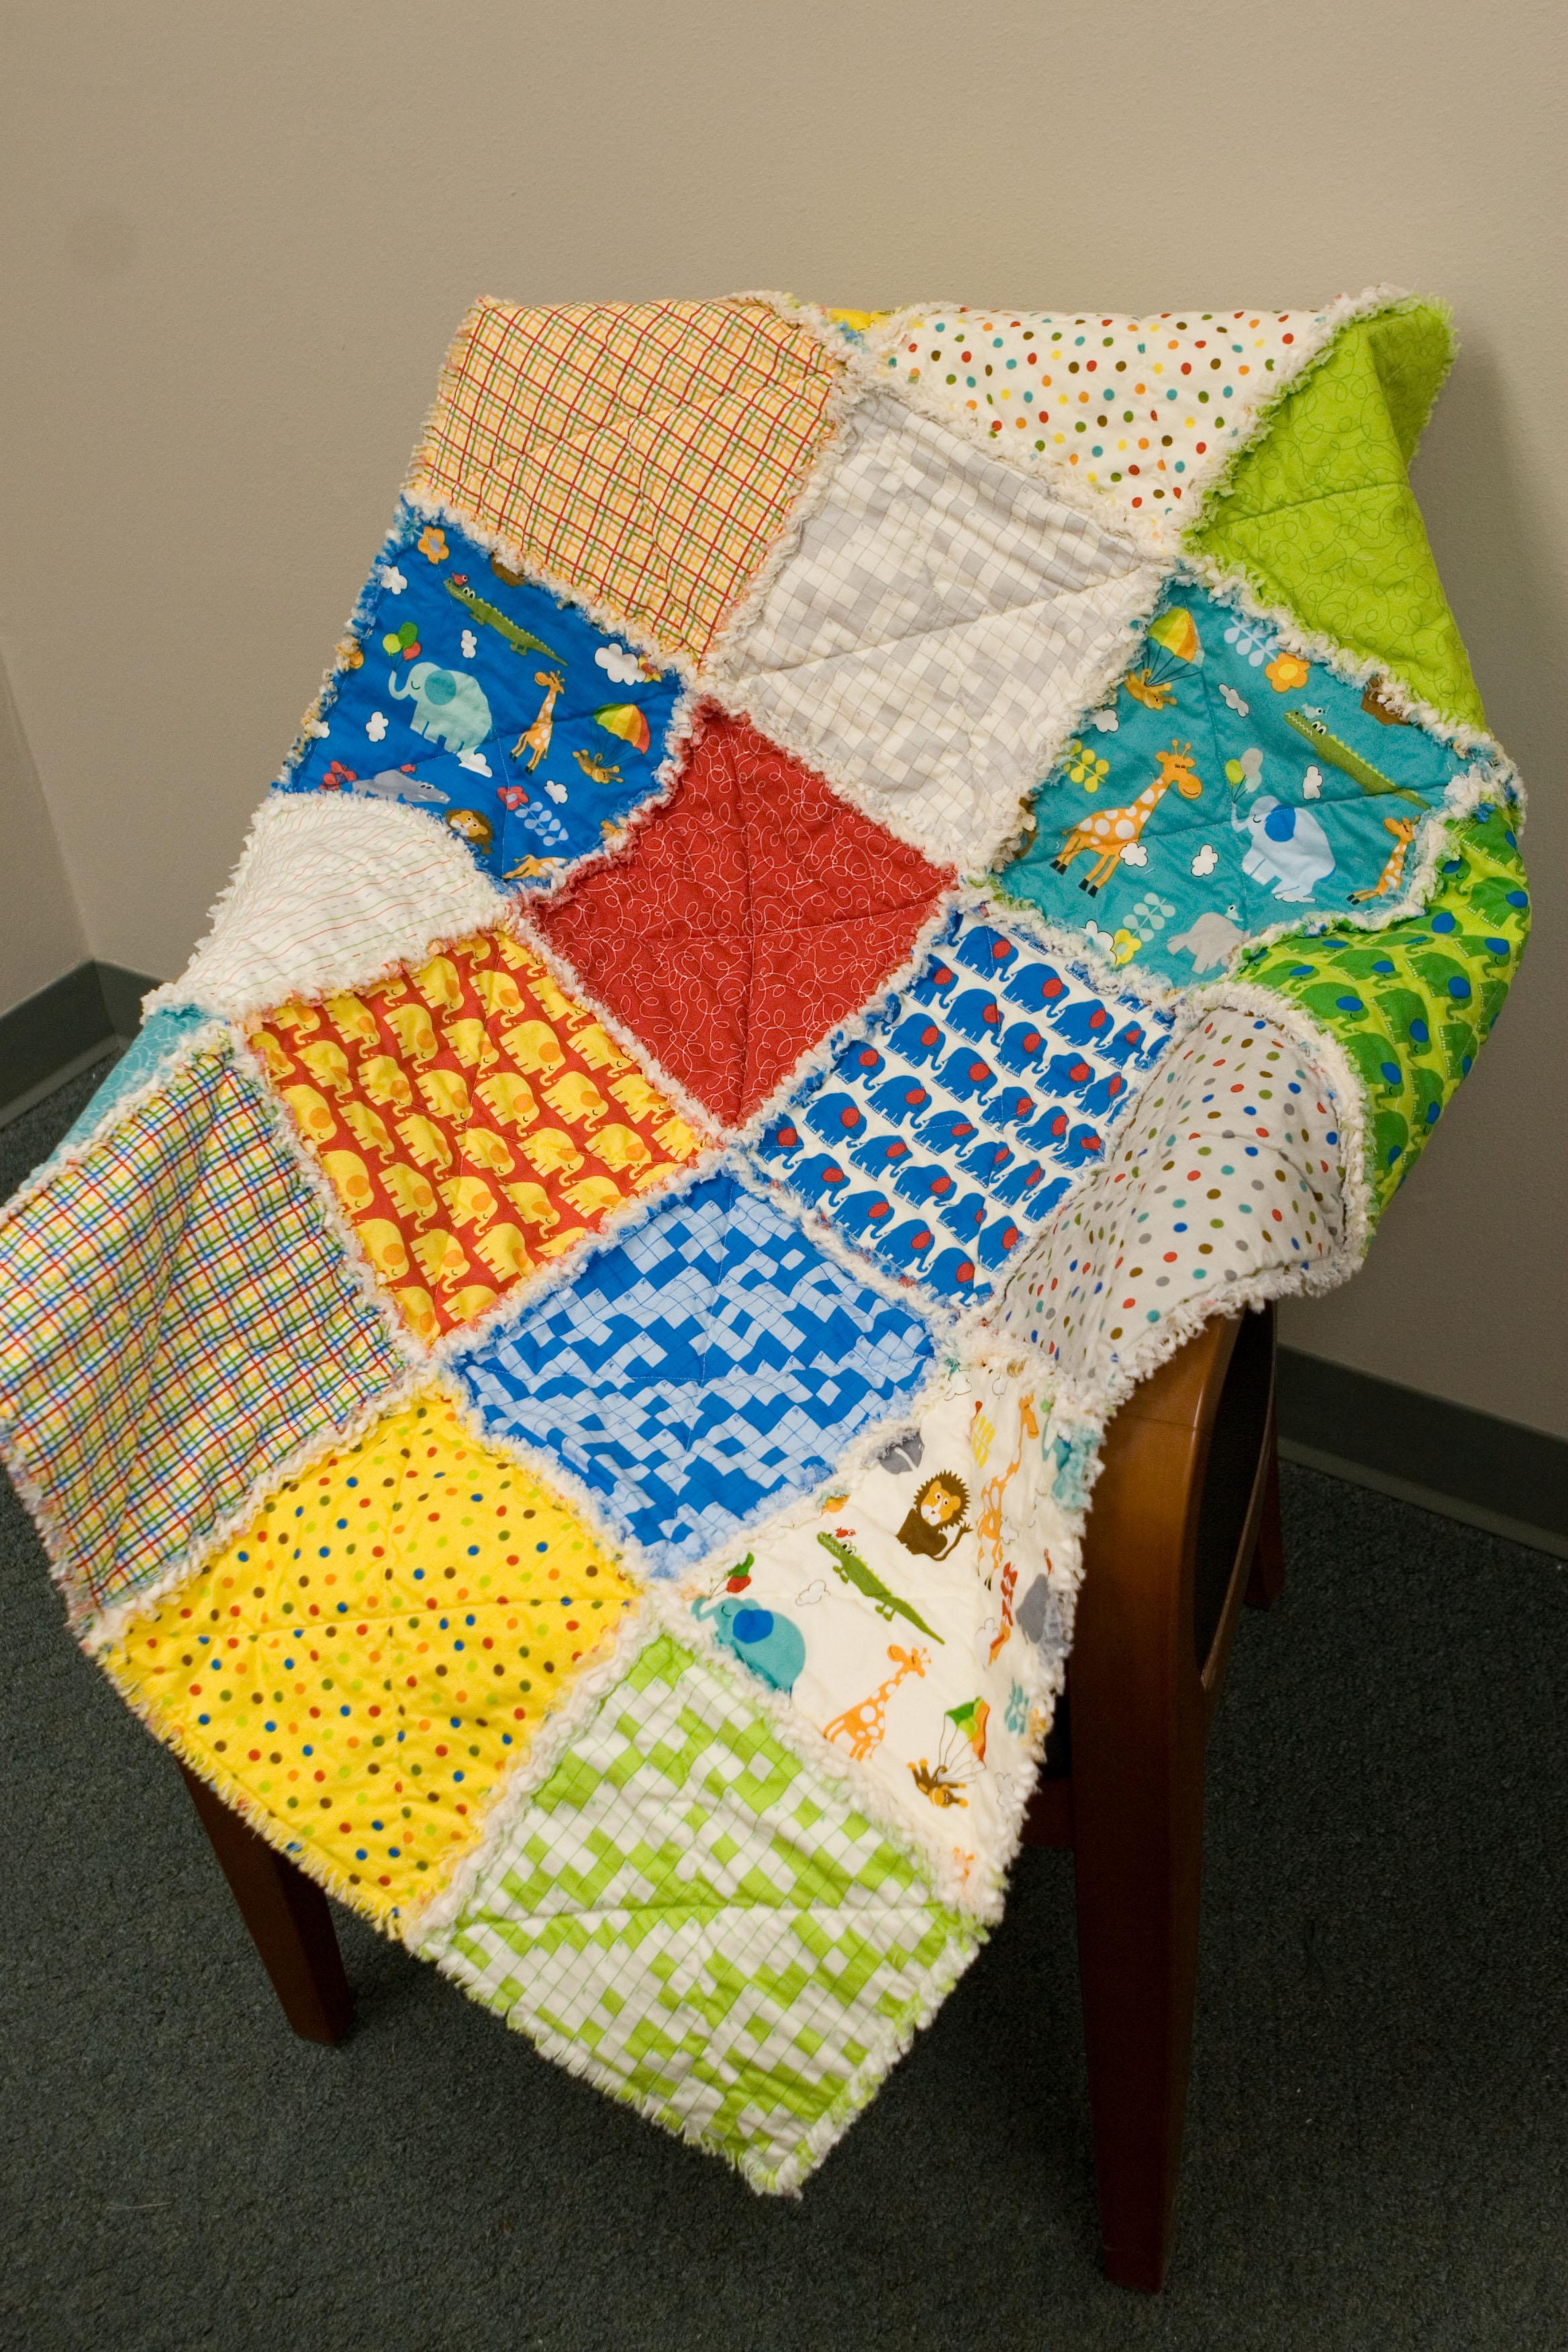 Rag Quilt - Crib size